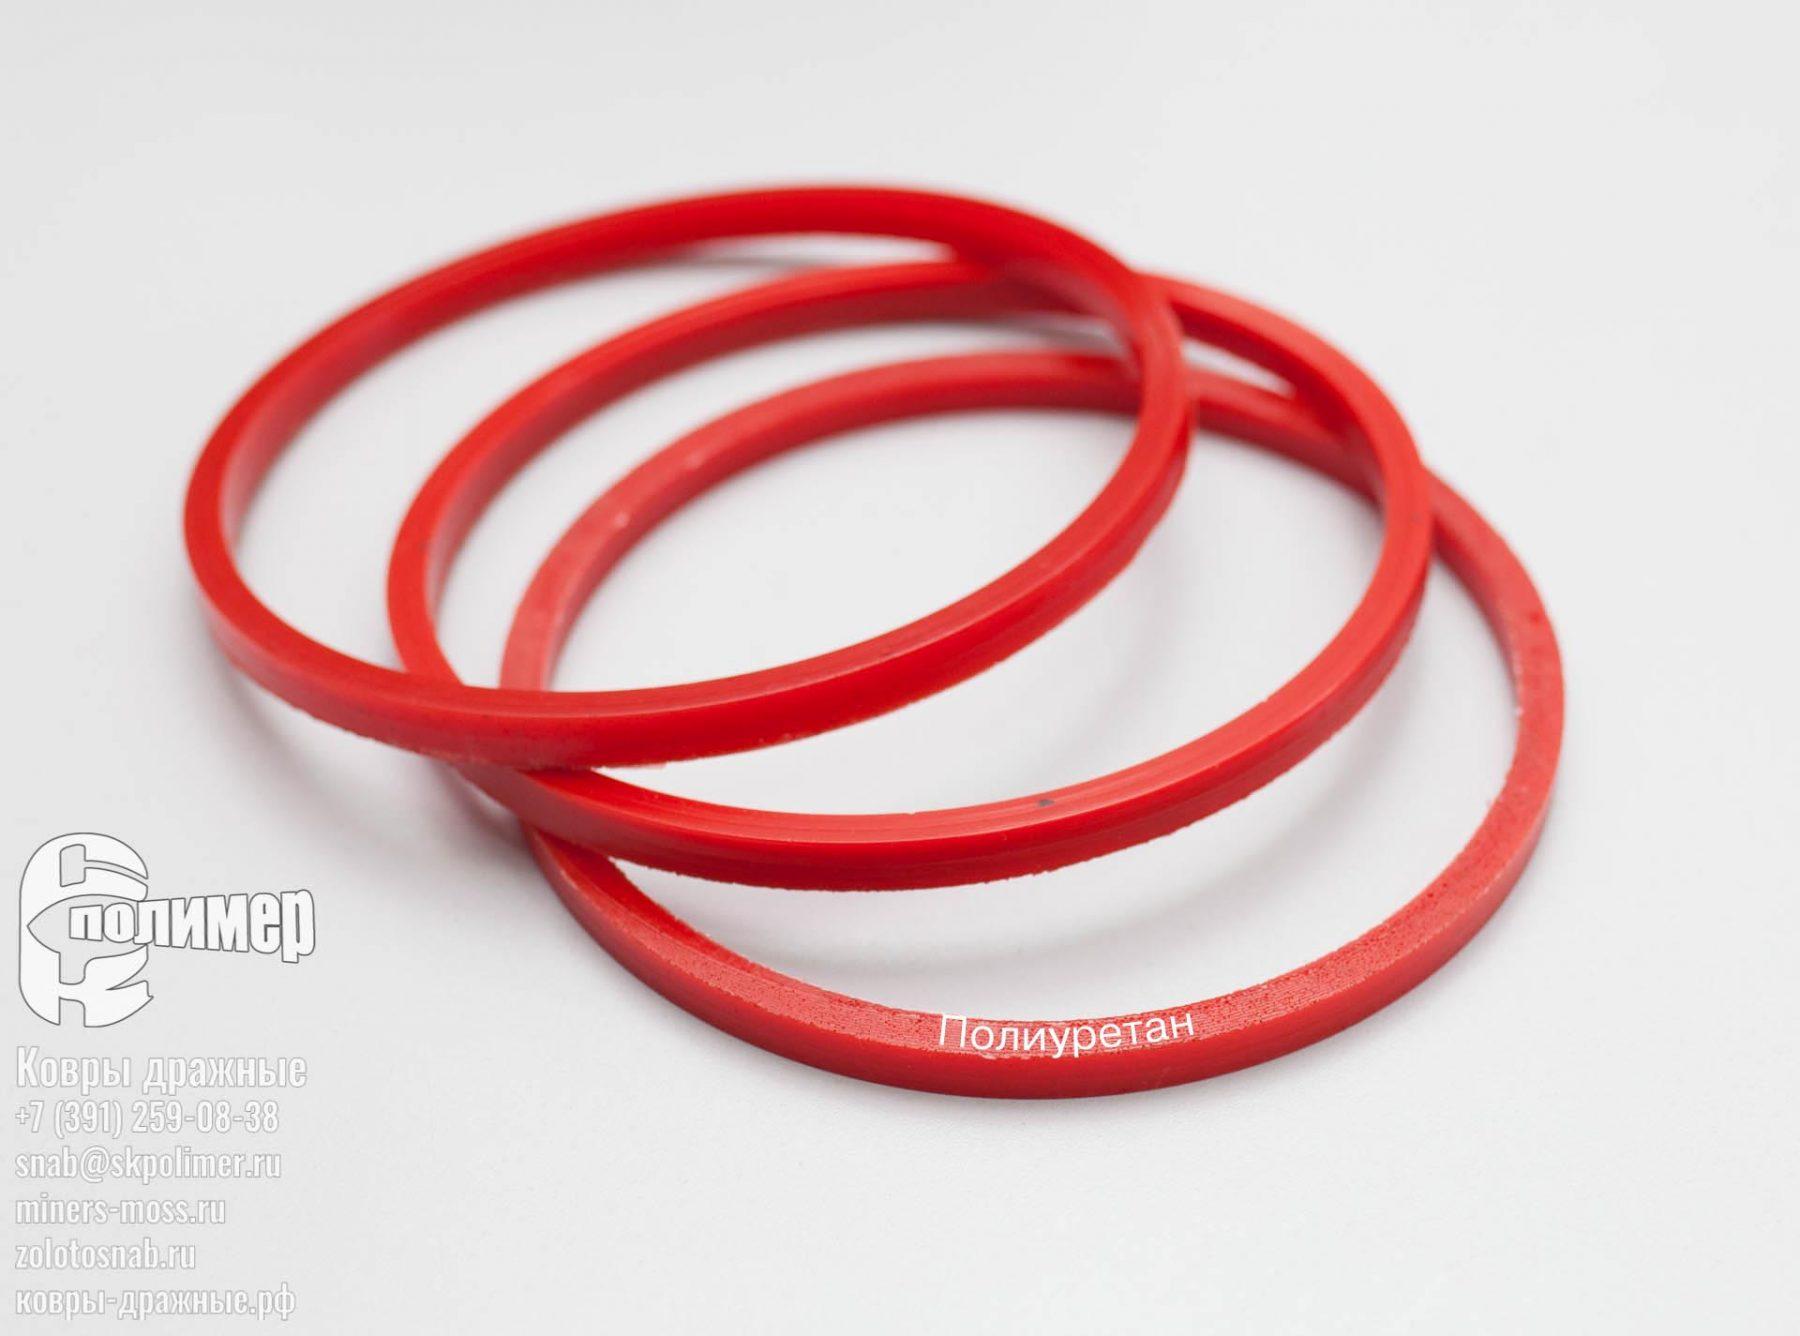 полиуретановое кольцо прямоугольного сечения diamec